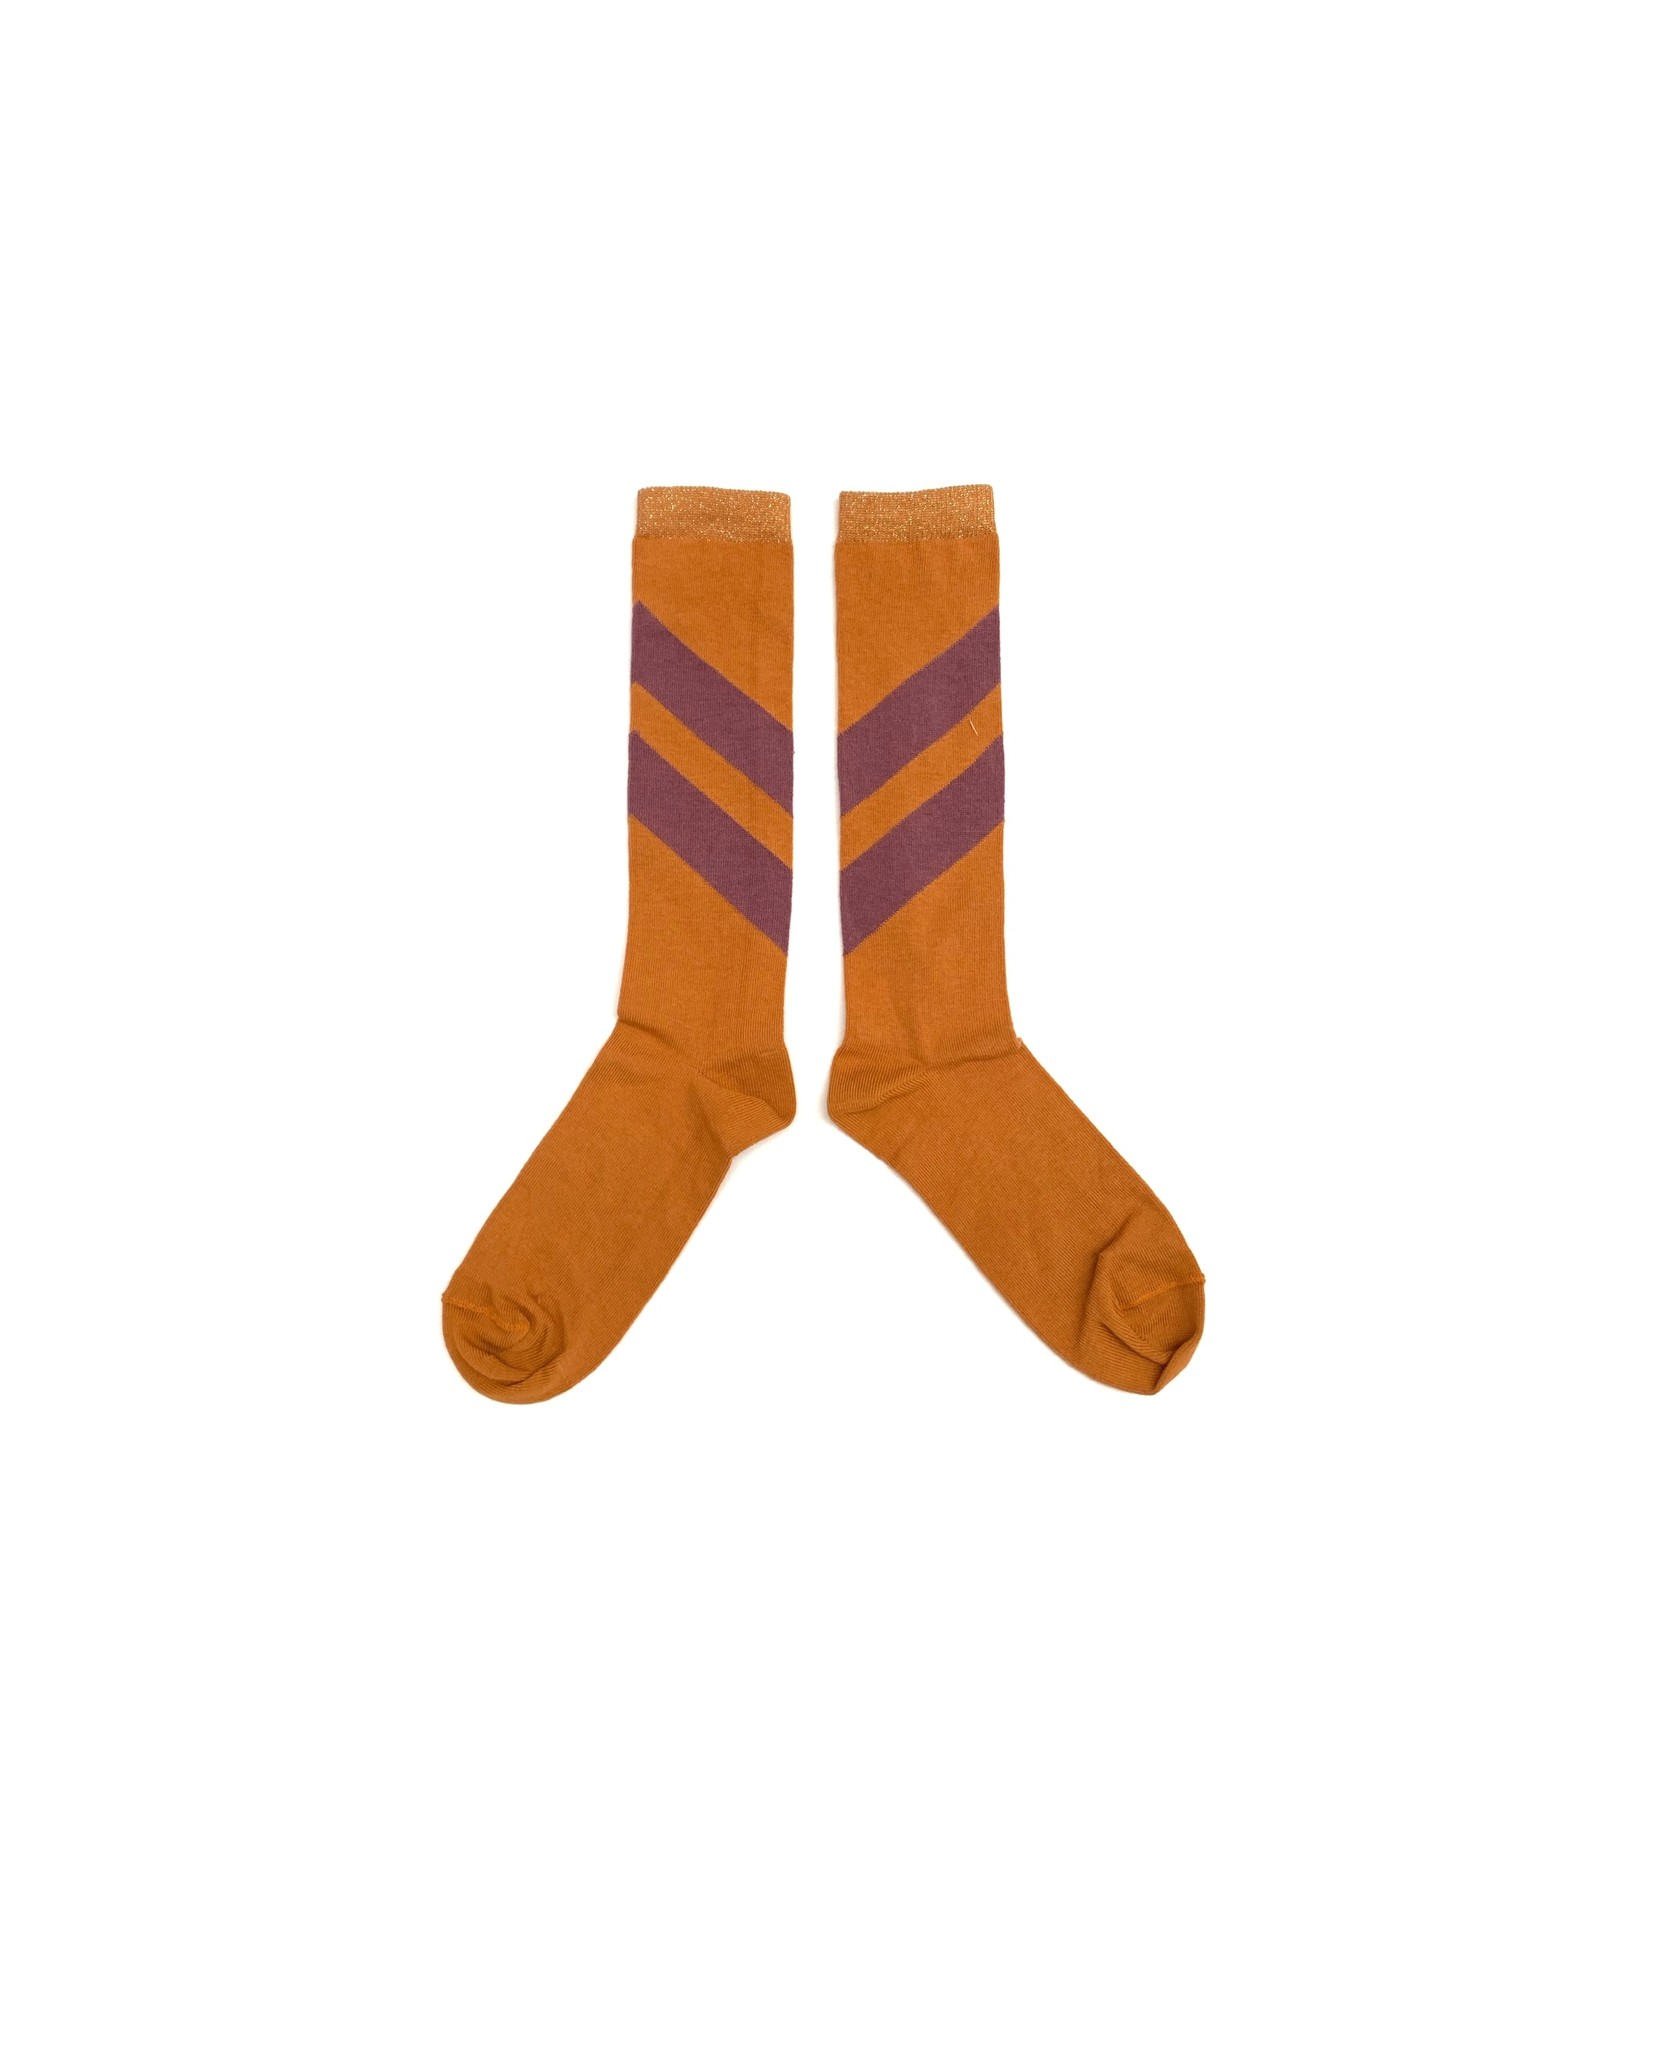 Striped socks - Inca Gold-1